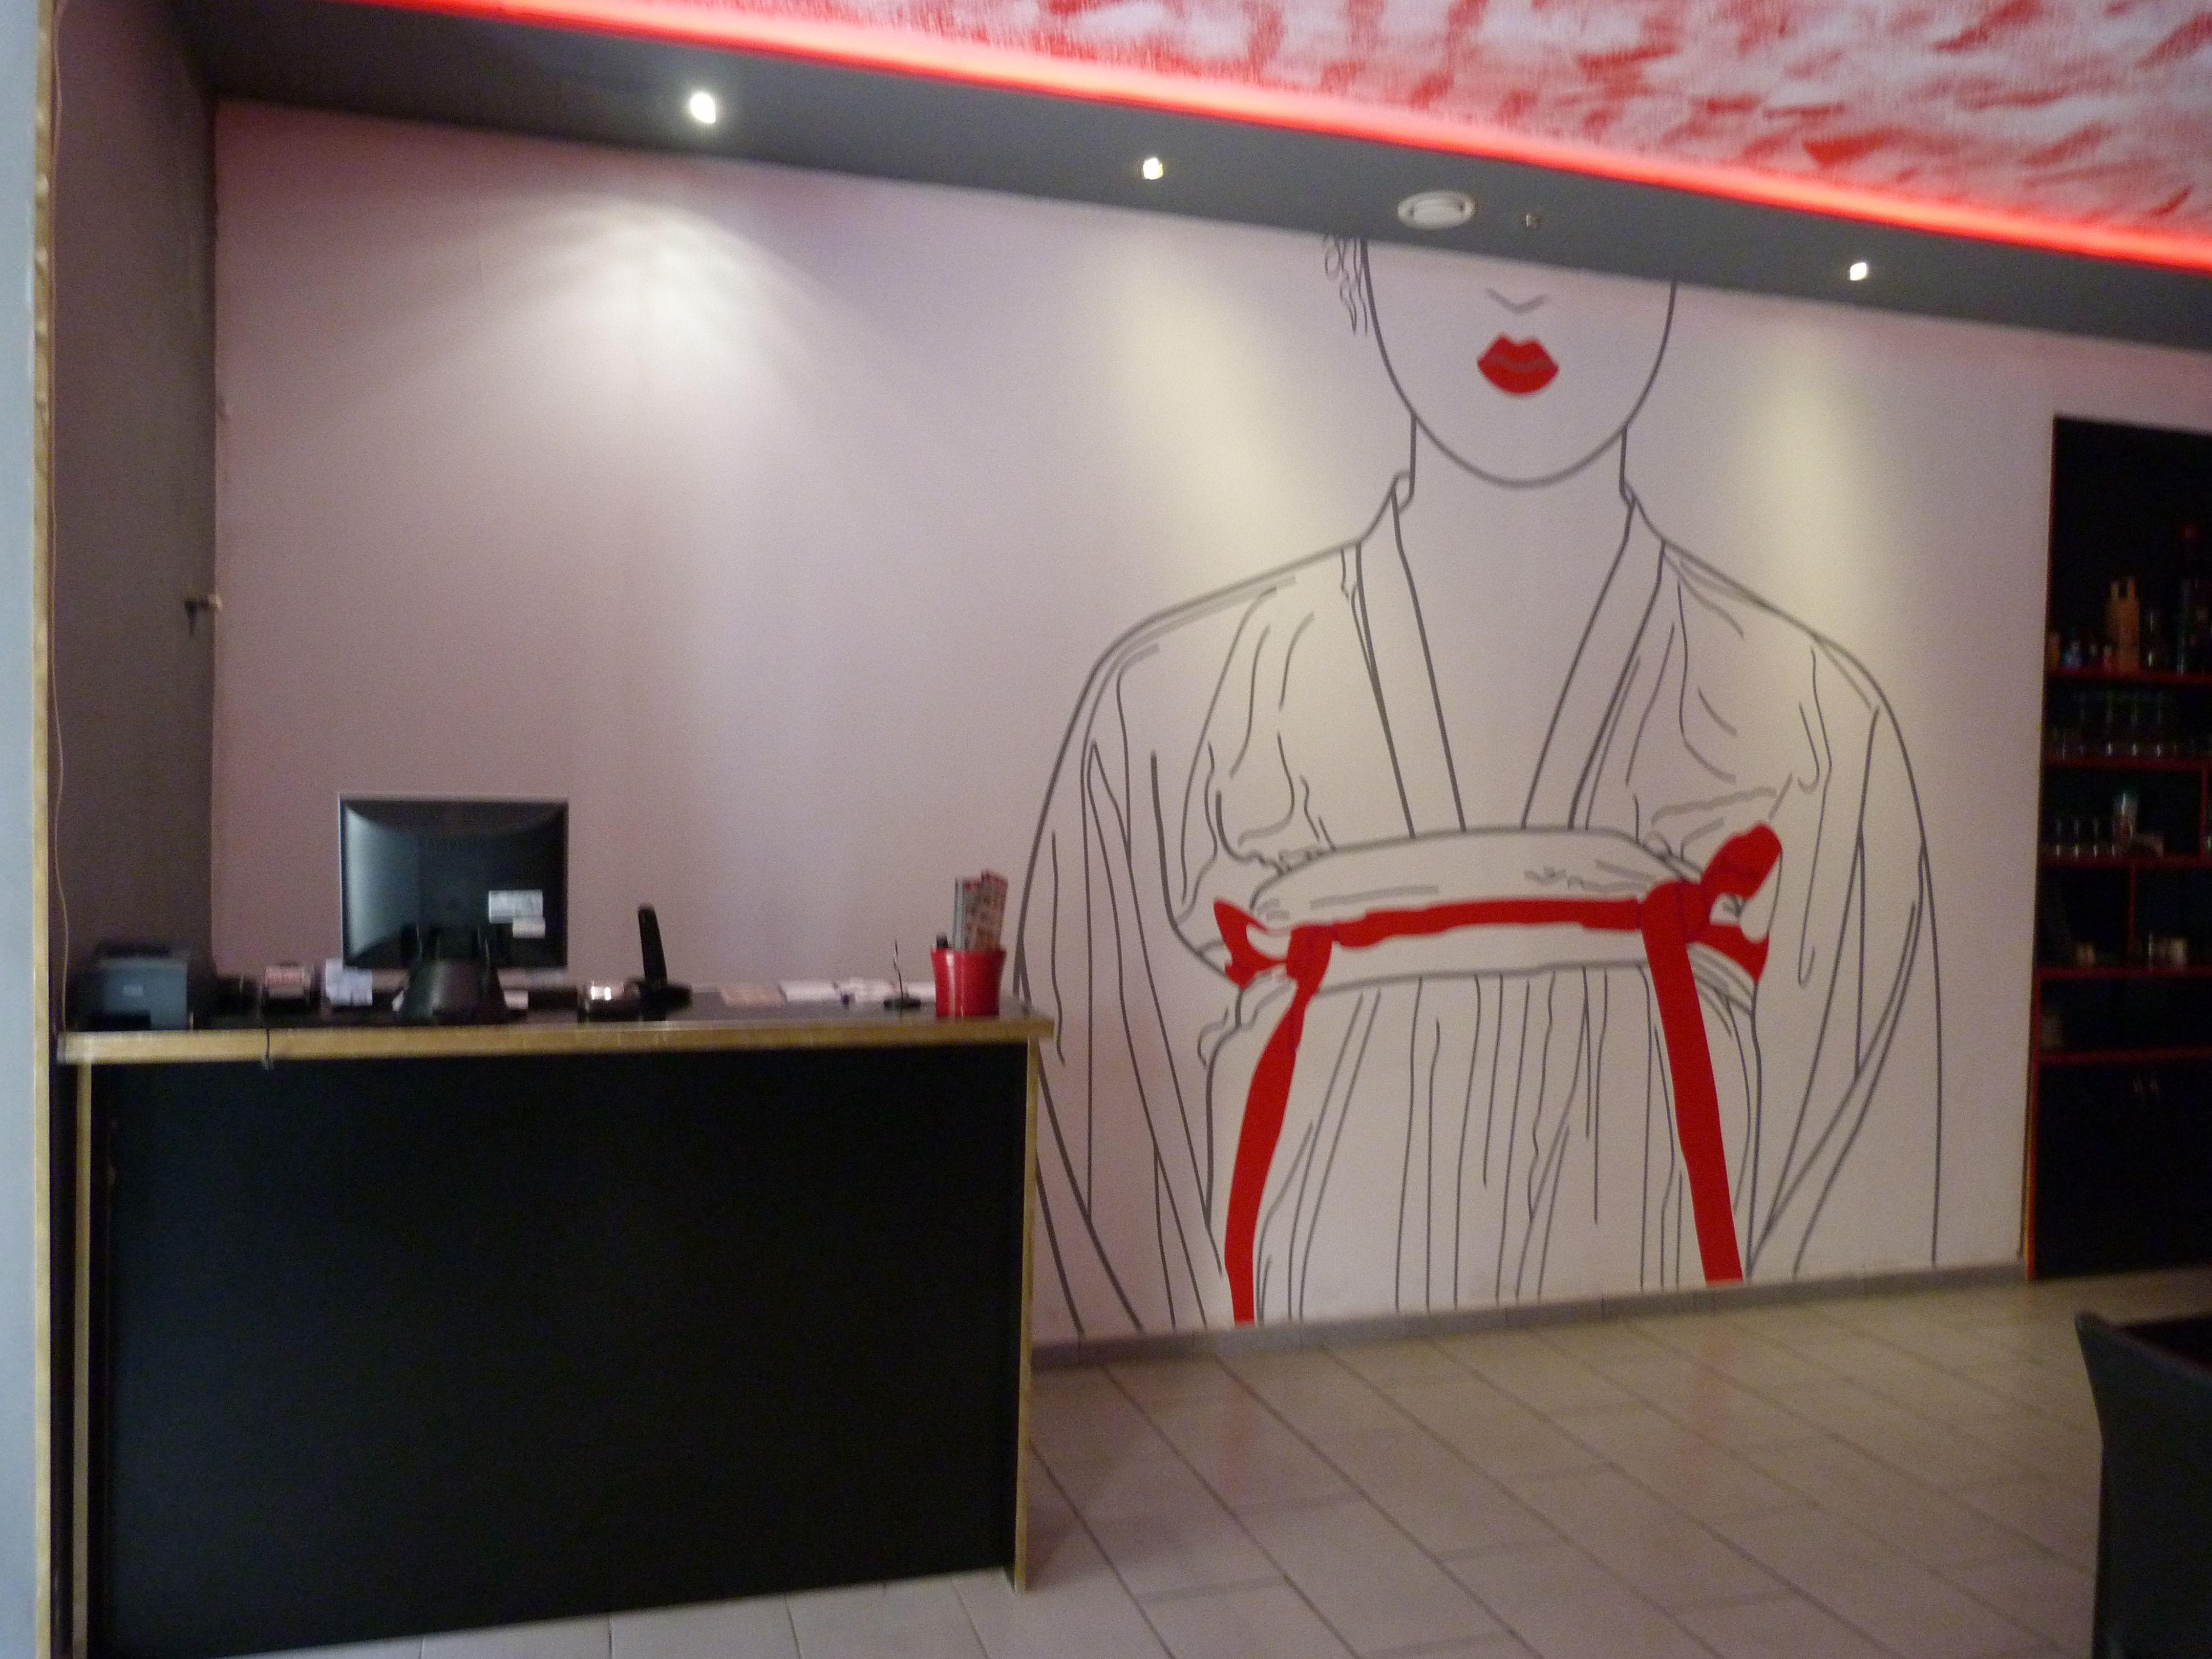 Foto 3 de Cocina japonesa en Las Palmas de Gran Canaria | Restaurante Sushi Food Kobe